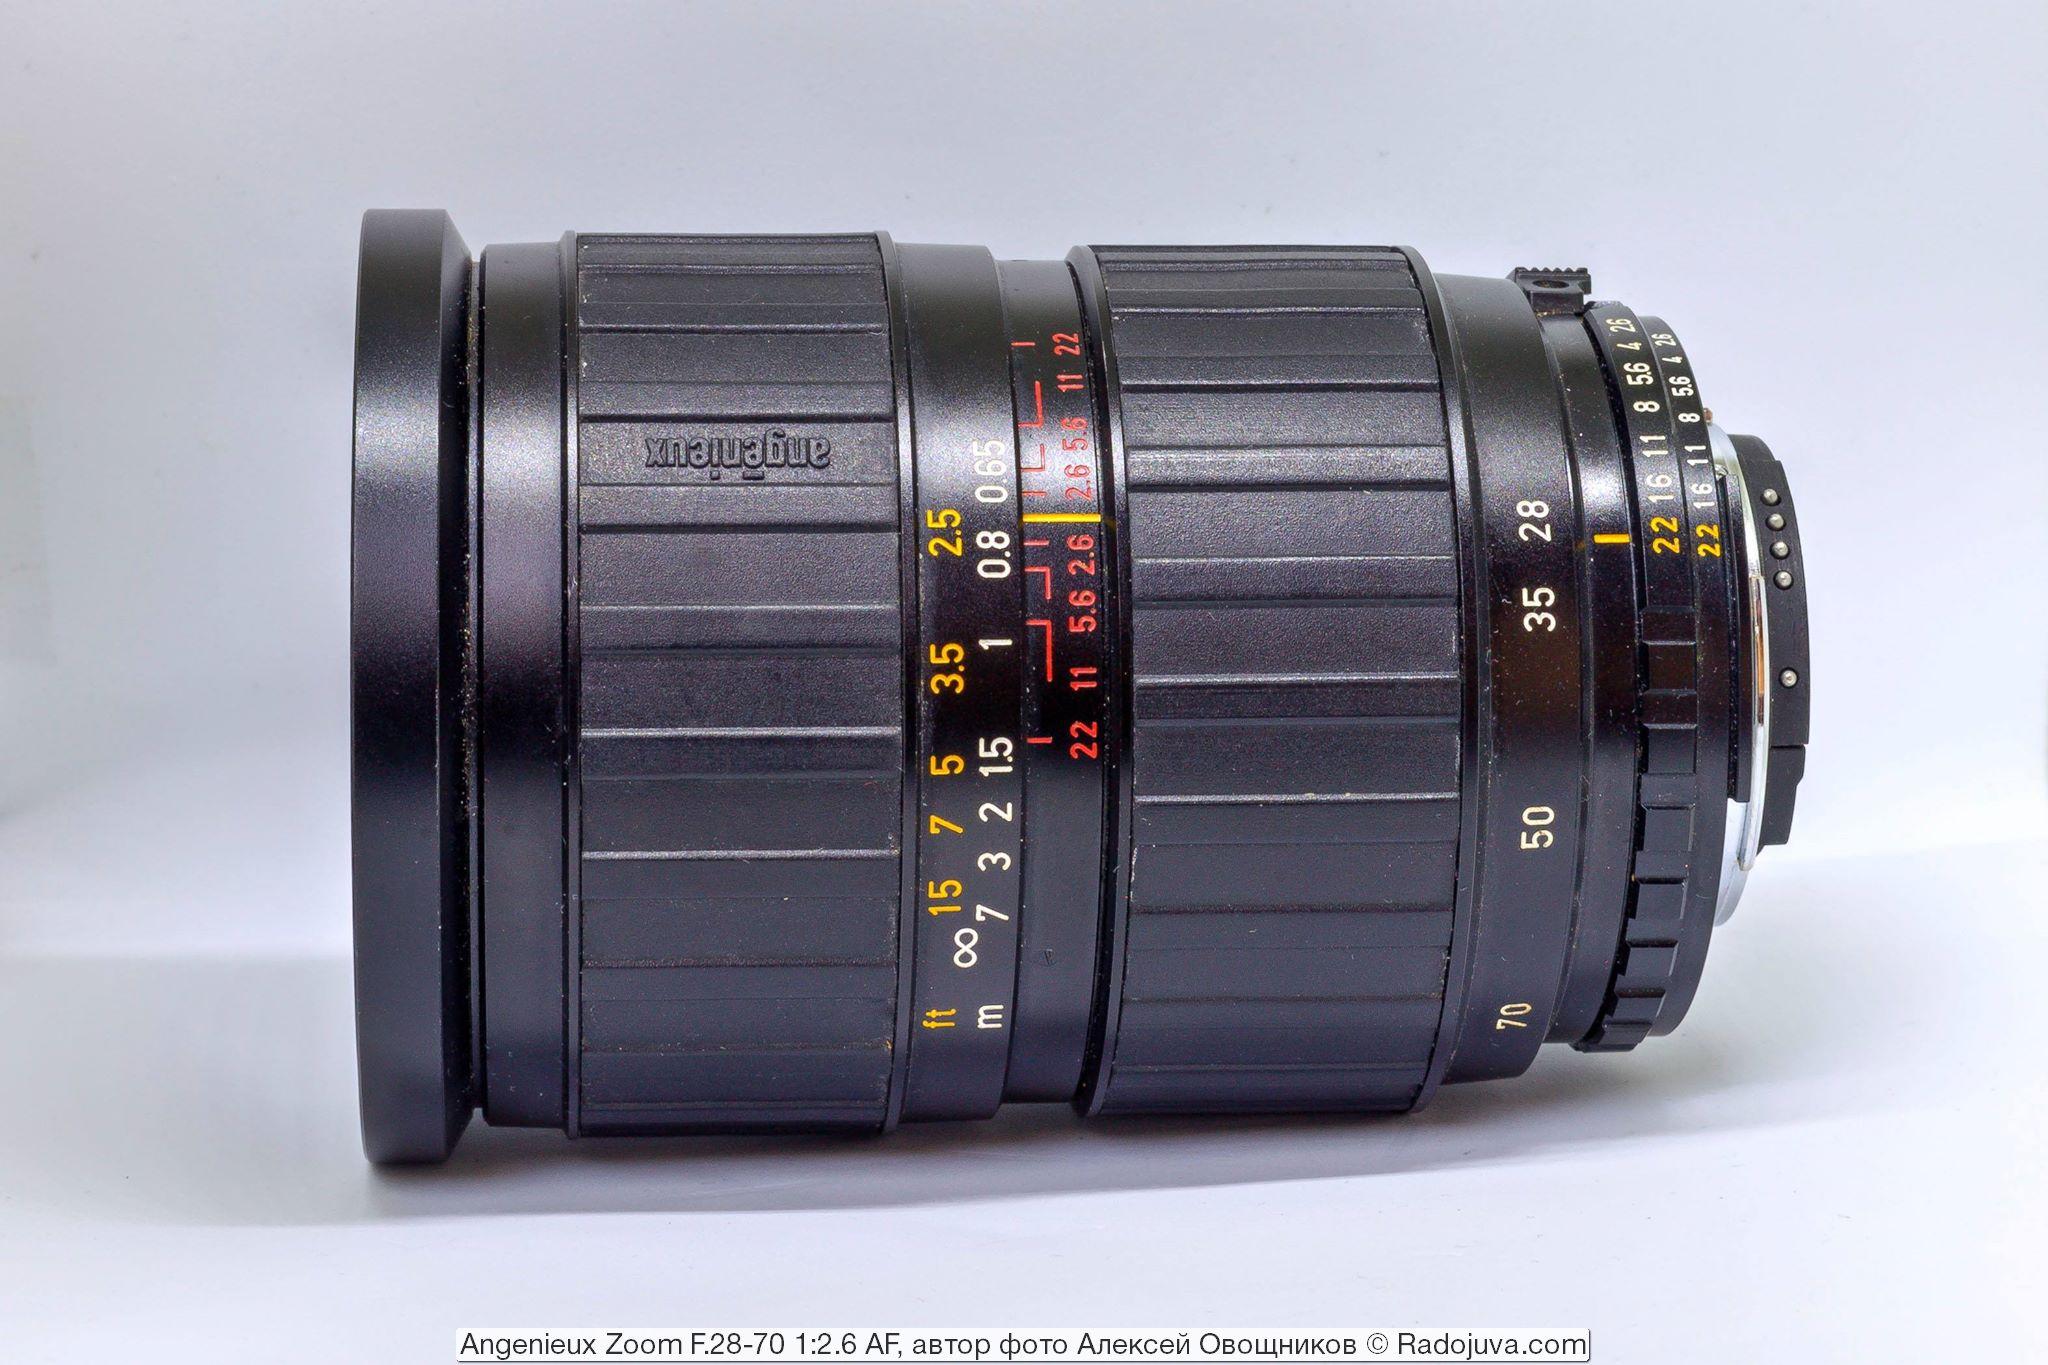 Angenieux Zoom F.28-70 1:2.6 AF